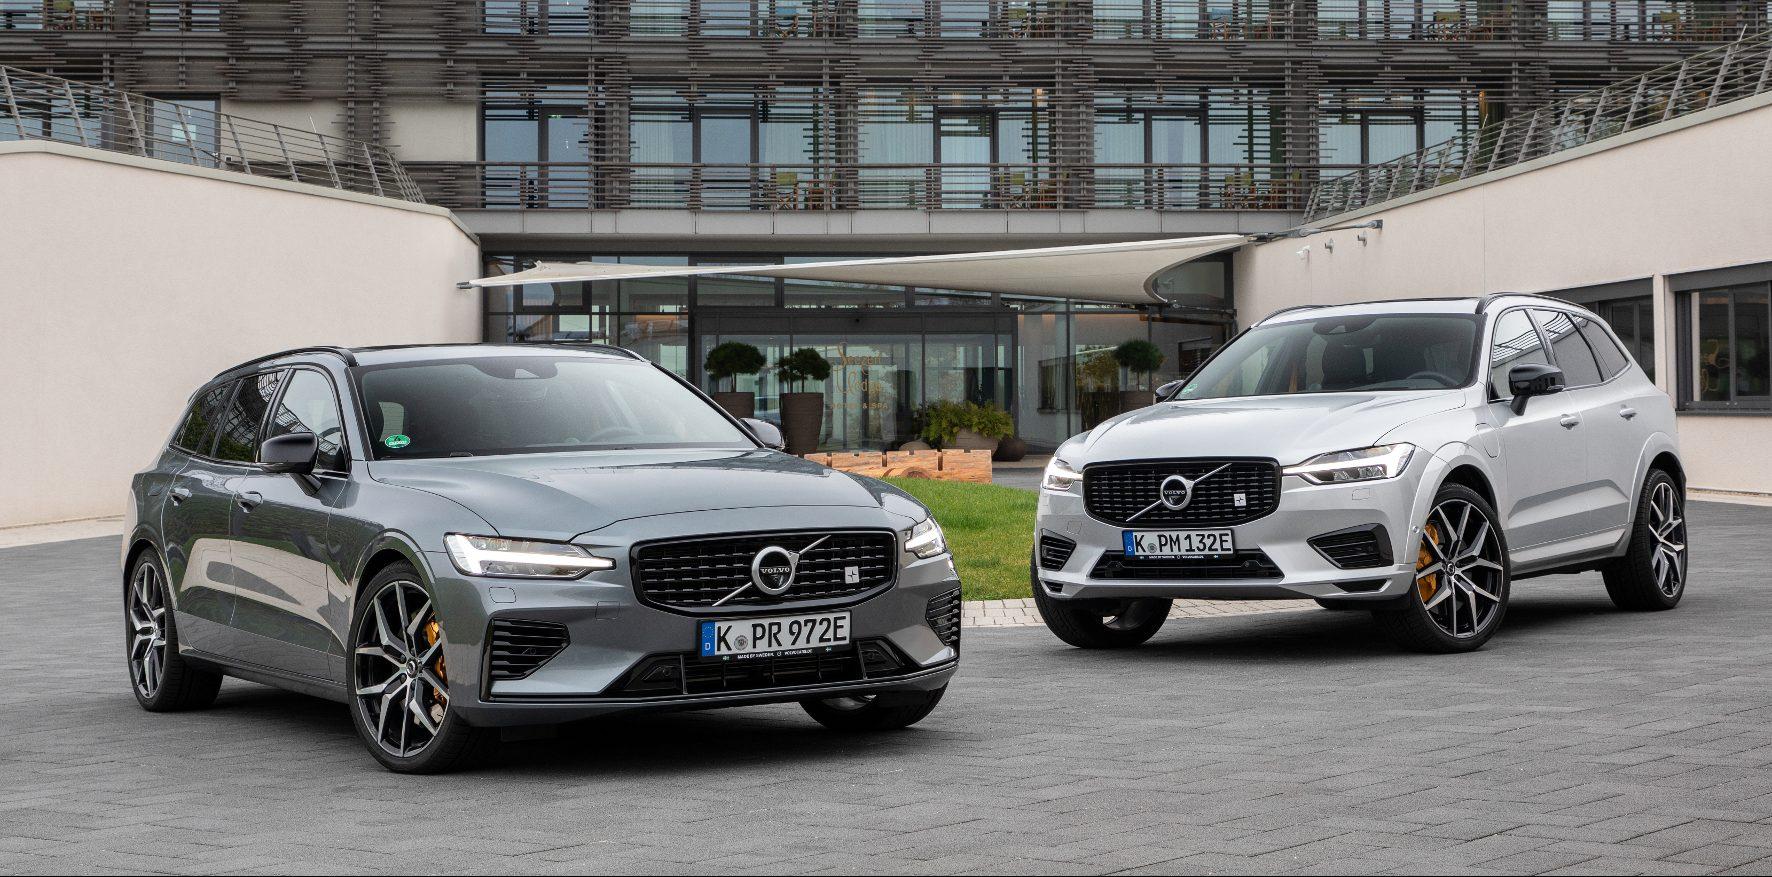 Das potente Duo mit dem Polestar-Emblem im Grill und goldenen Bremssätteln: Volvo V60 und XC60.